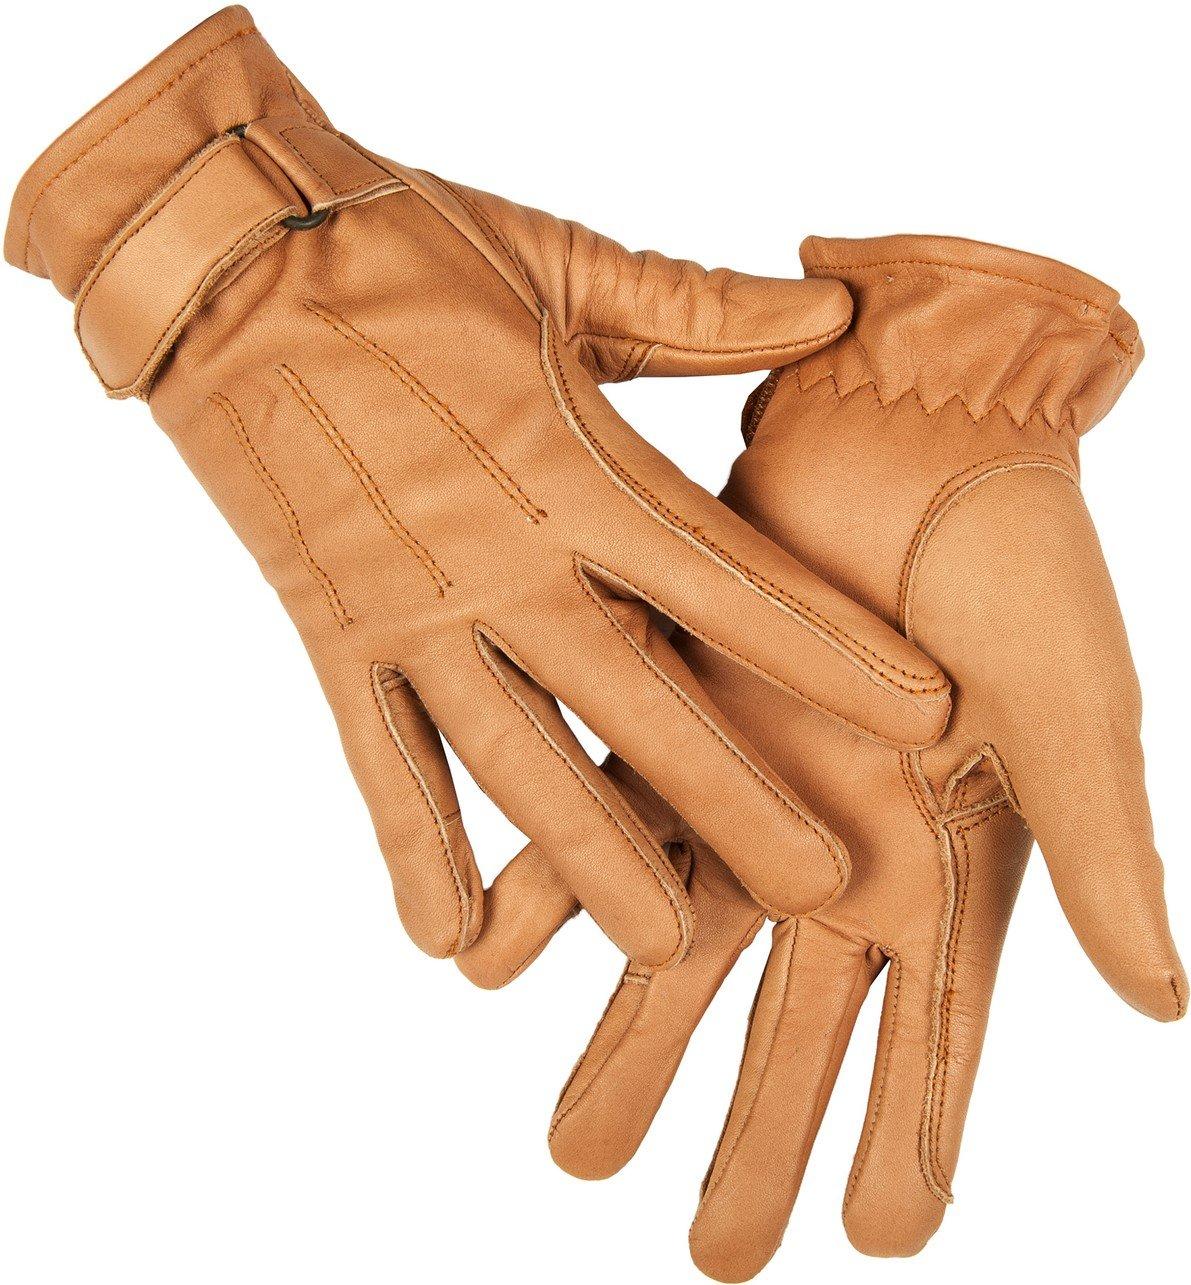 HKM Damen Lederhandschuh aus Nappaleder Handschuhe